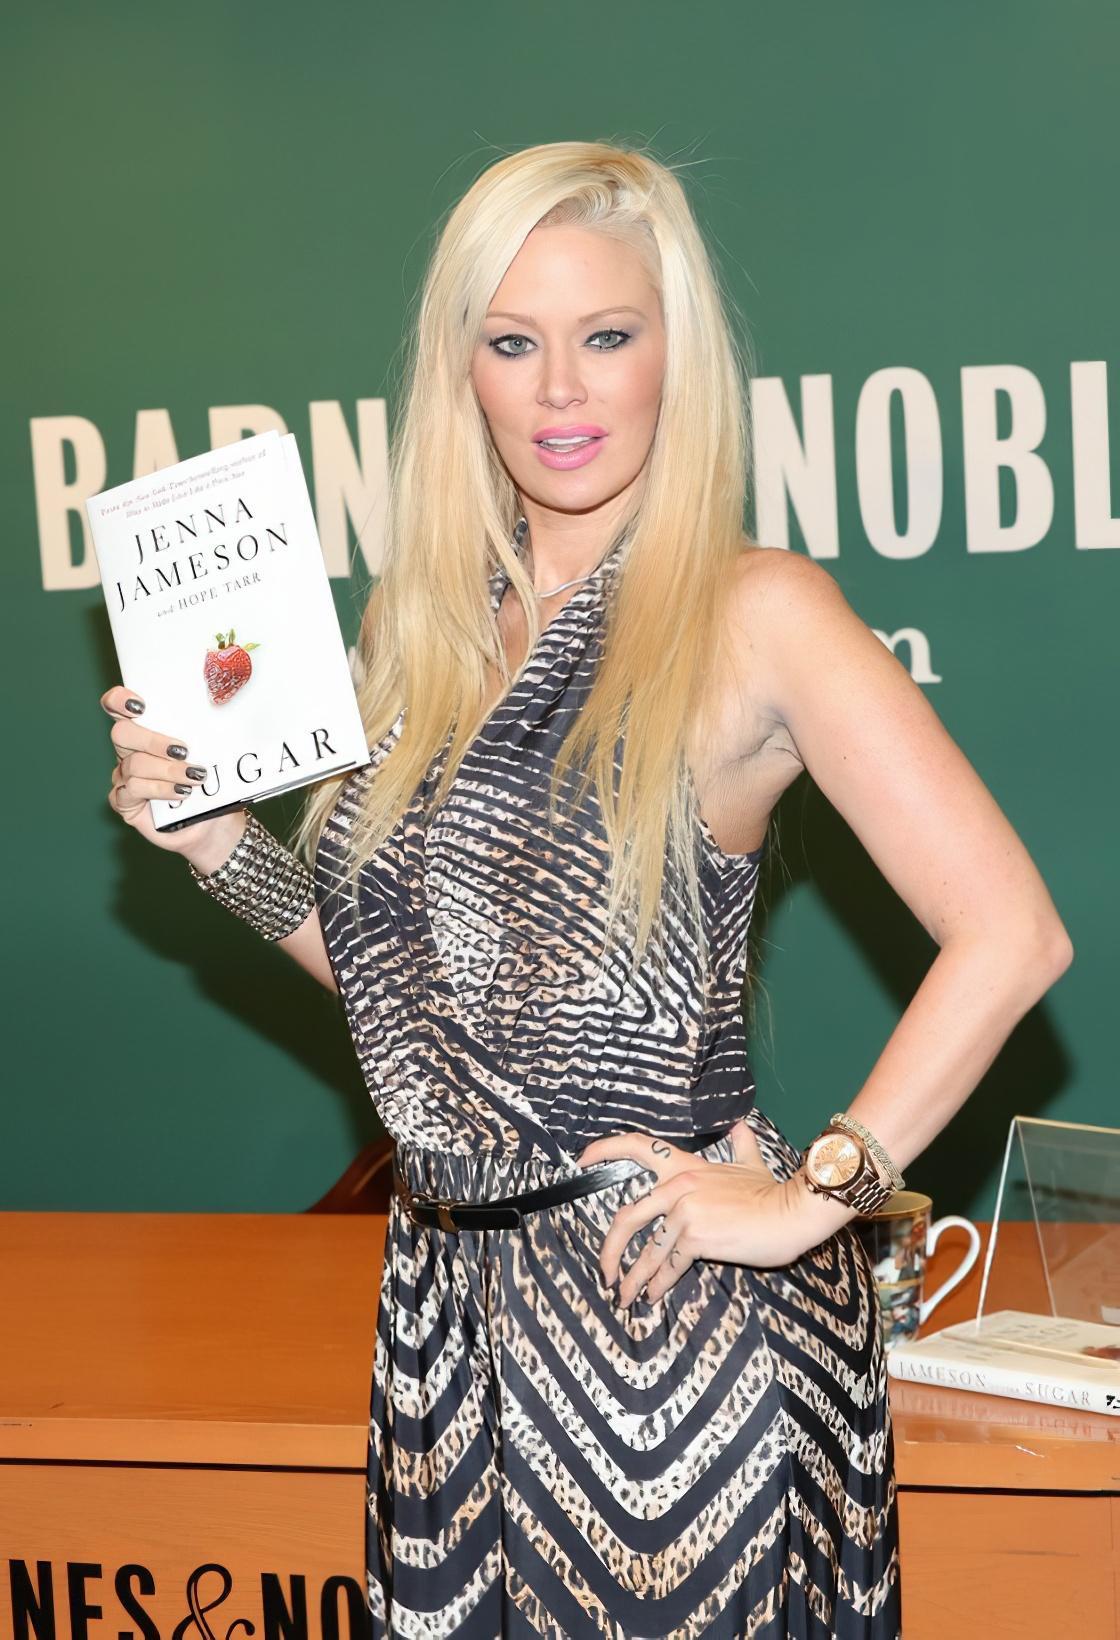 Jenna Jameson Book